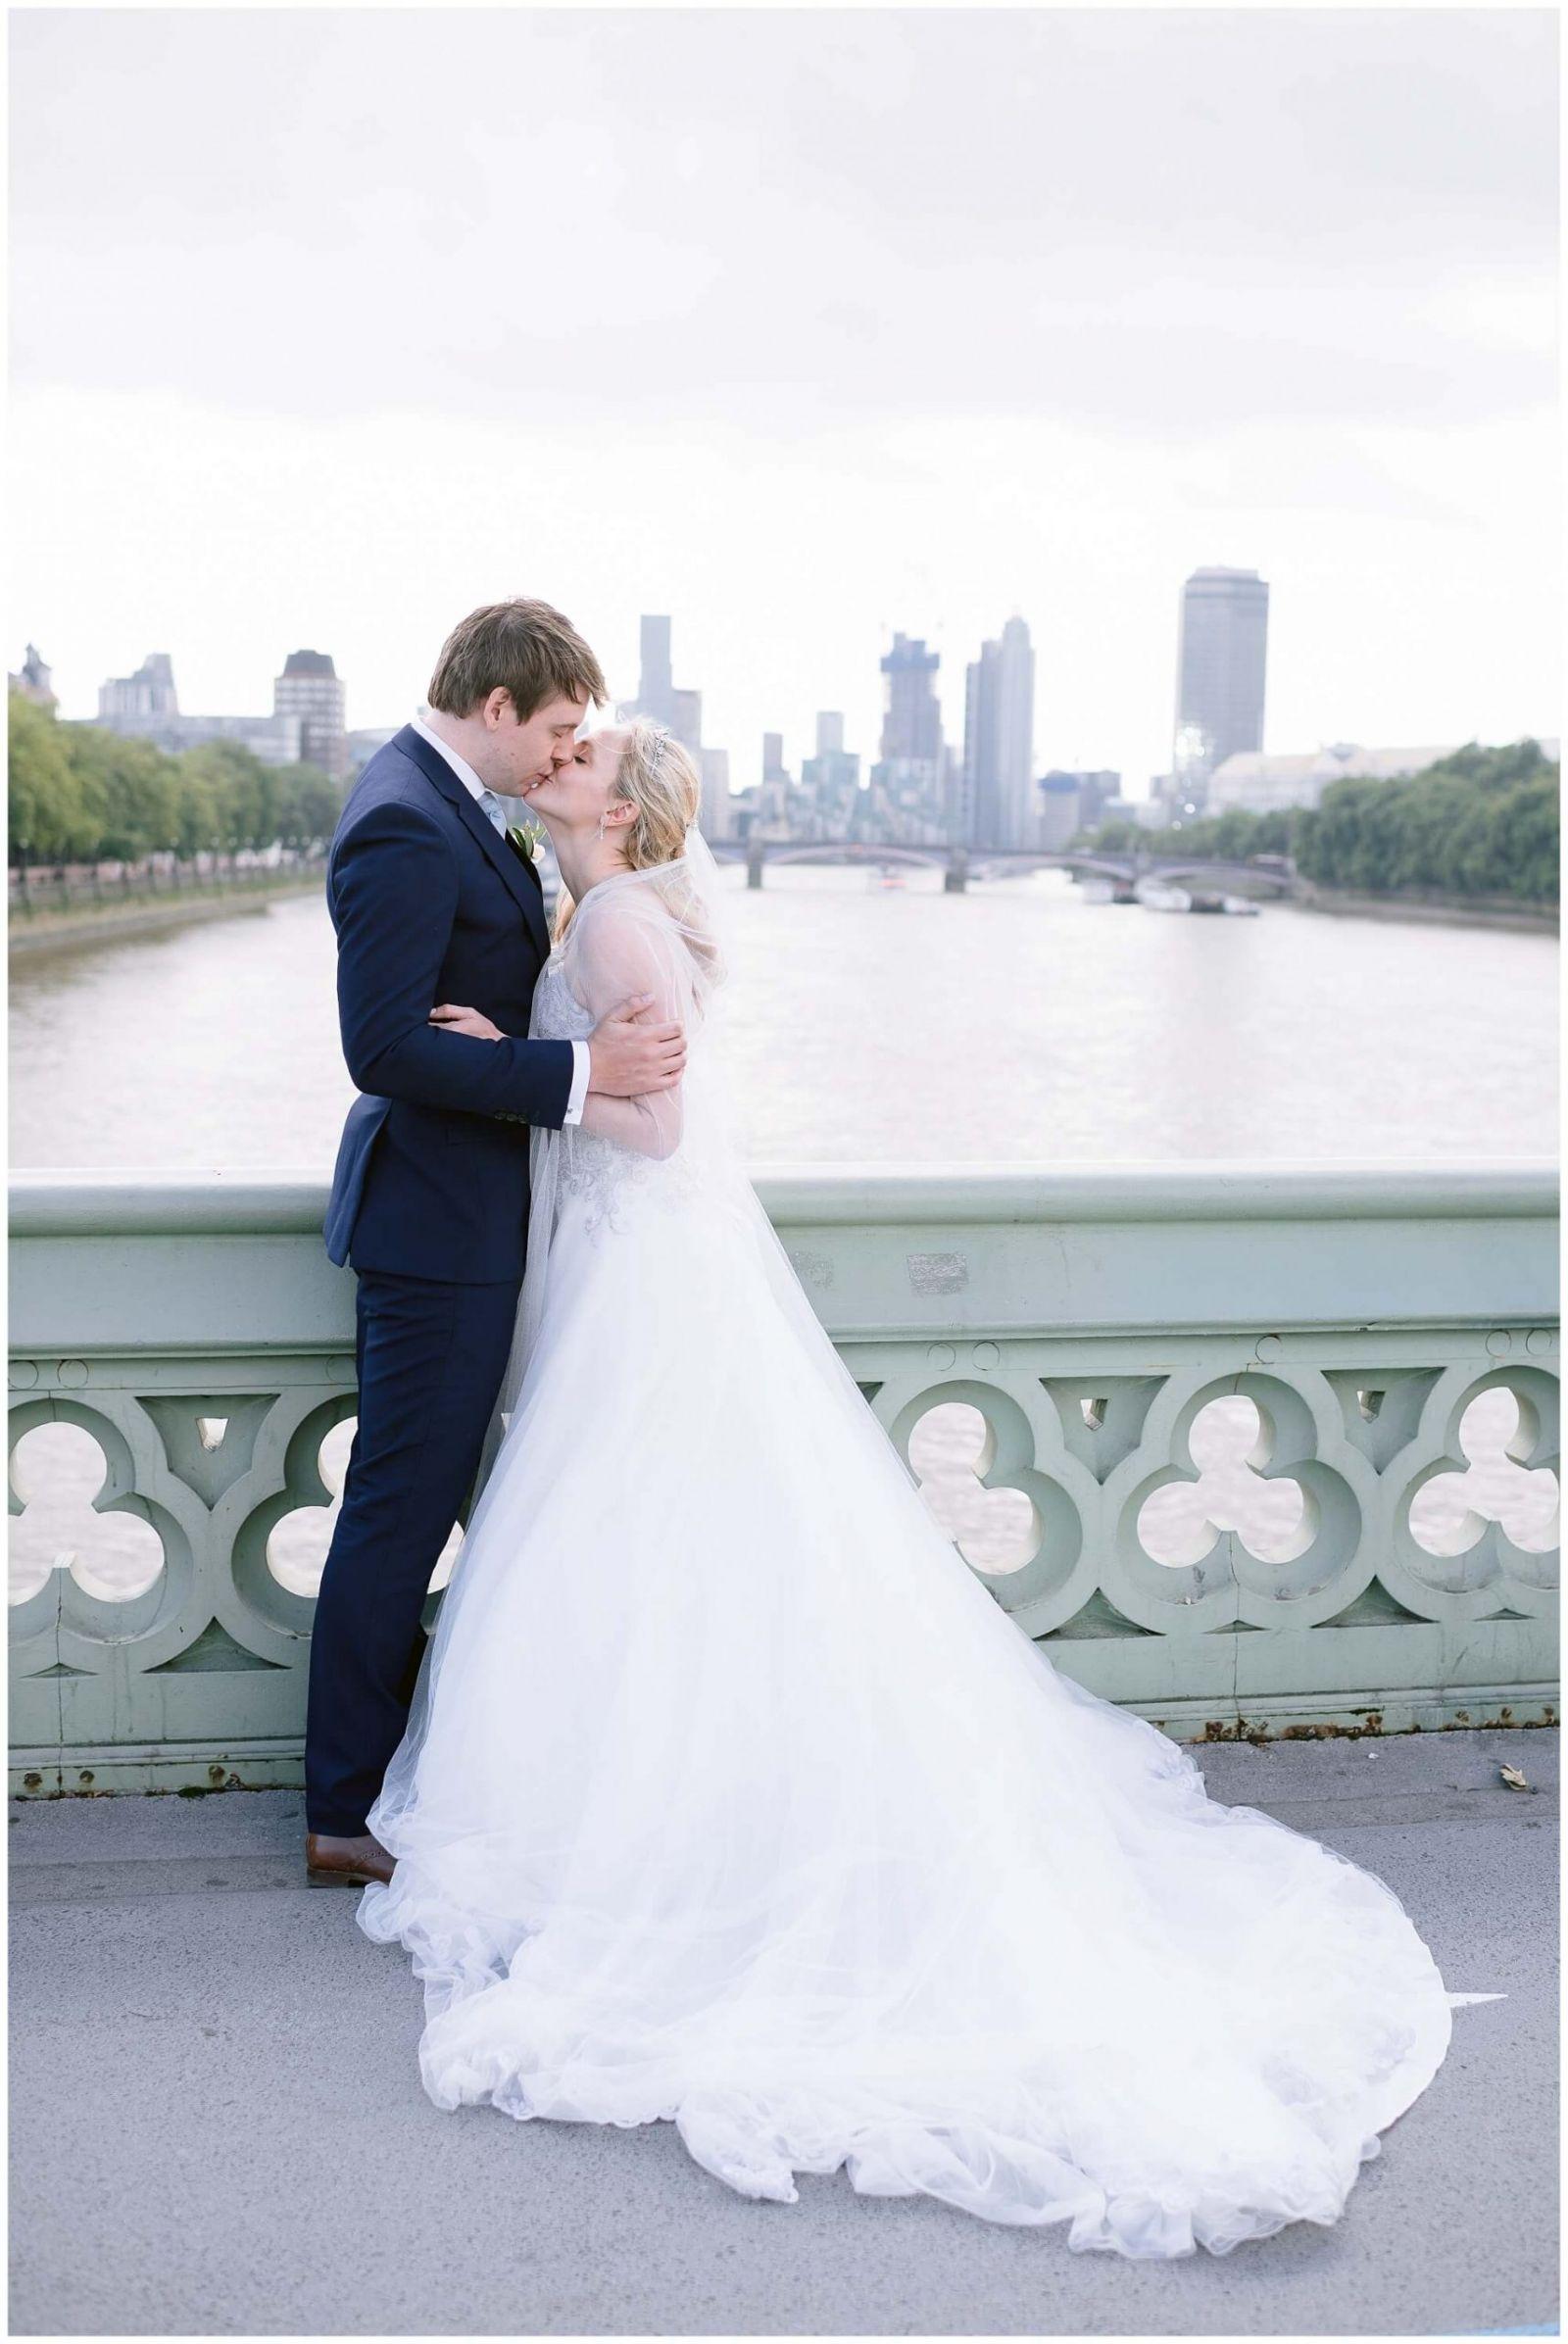 London wedding photographer sunrise photoshoot